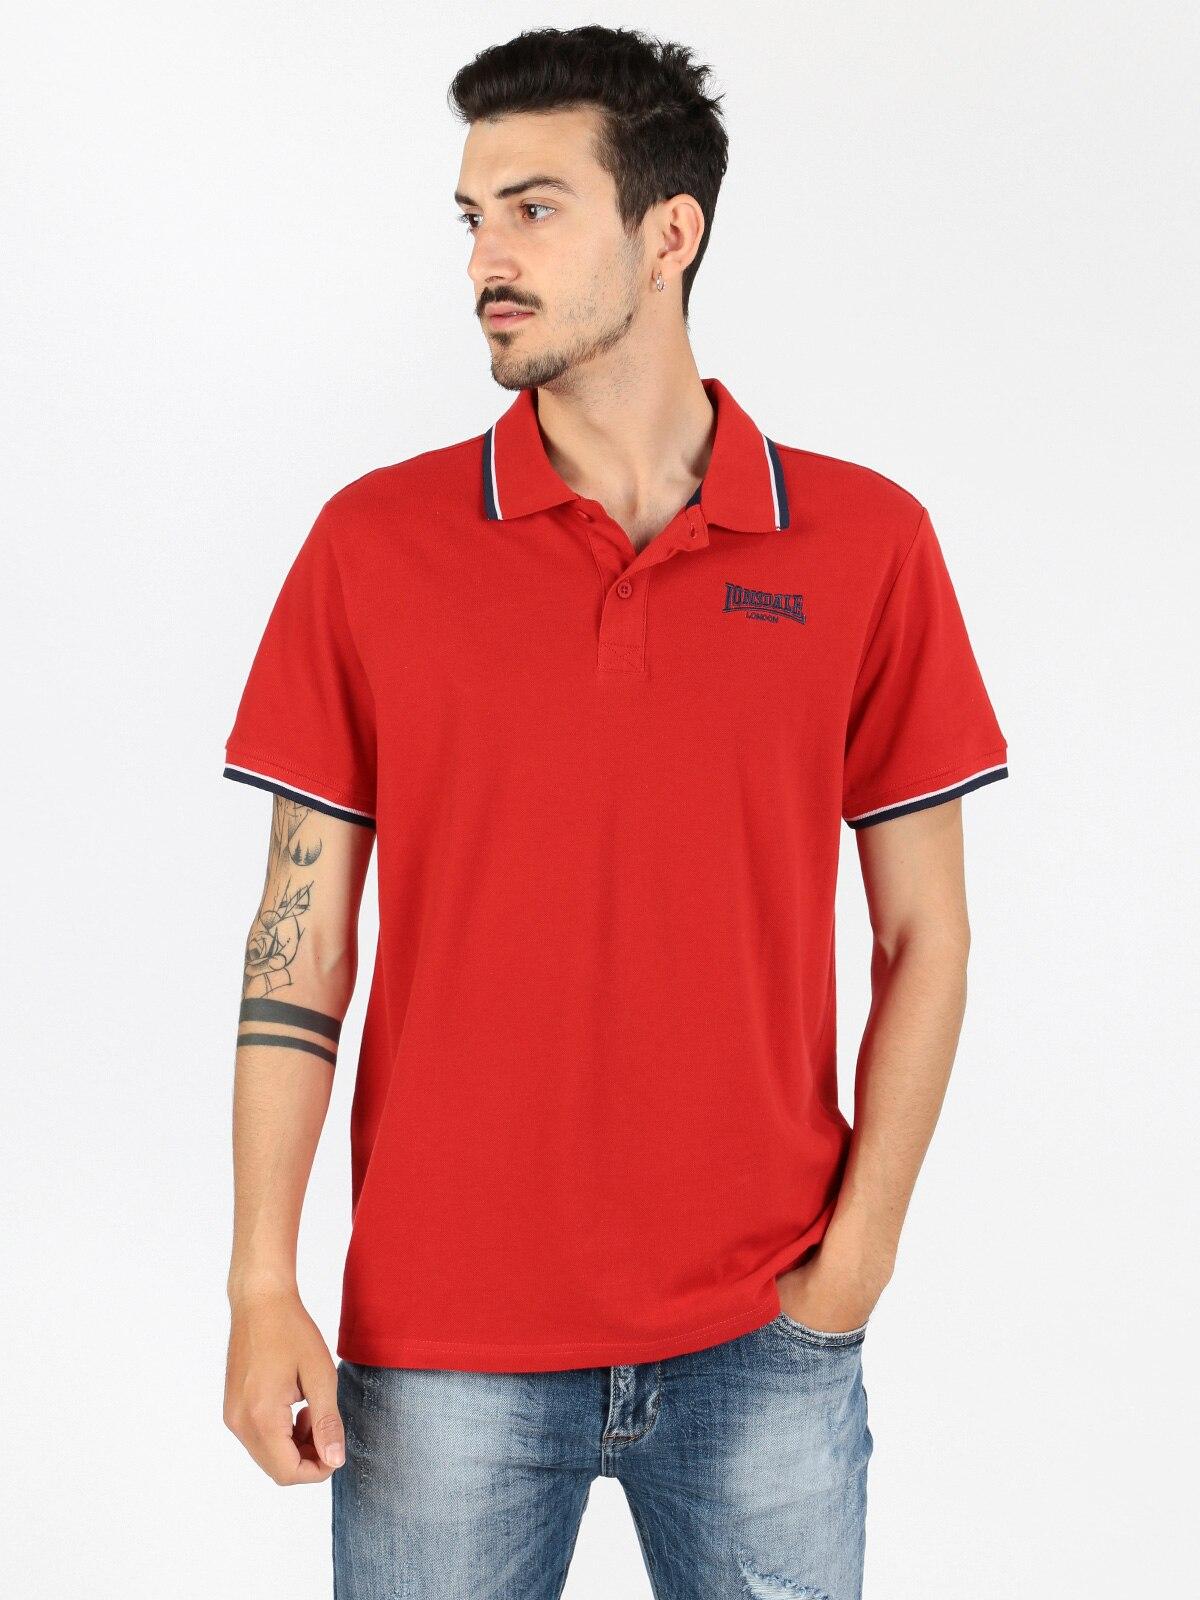 Polo   shirt cotton short sleeve